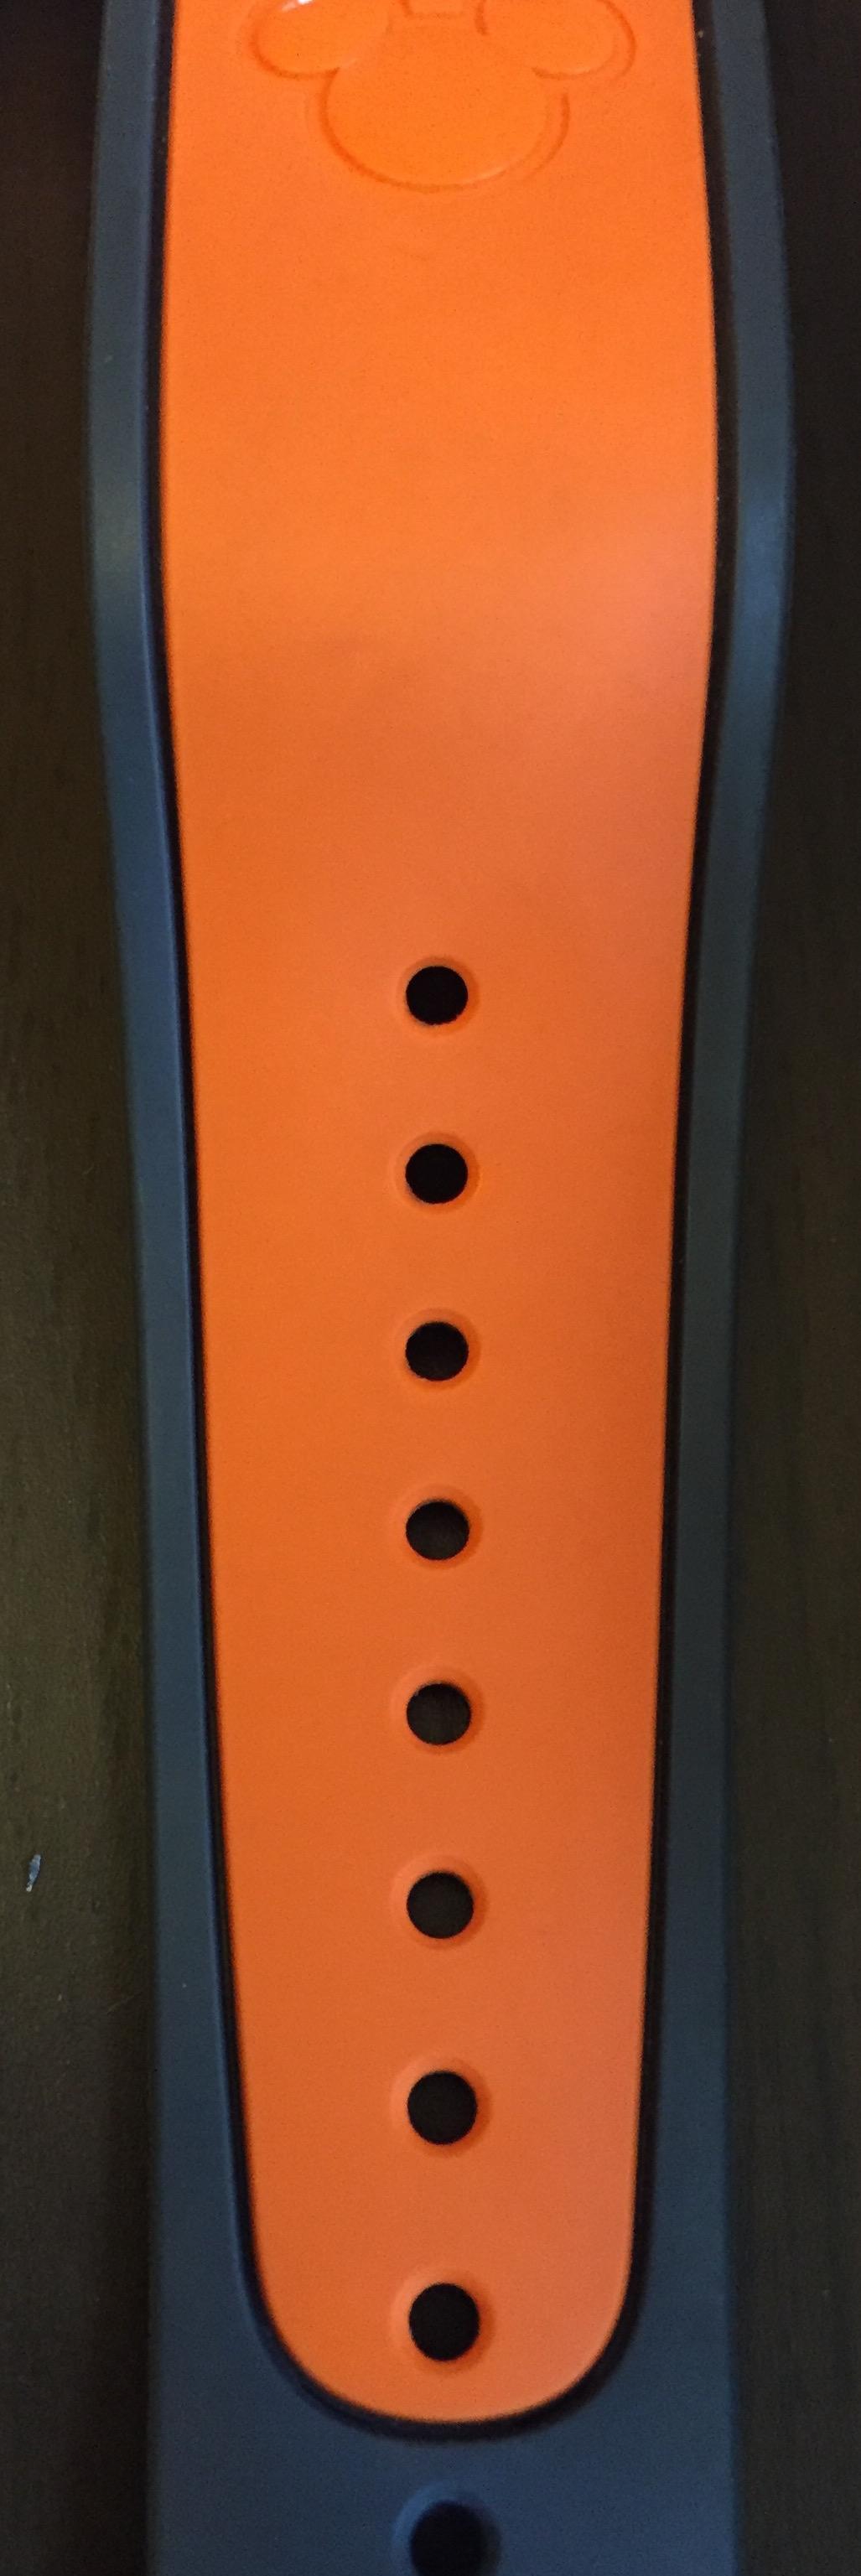 DDA_orange_2